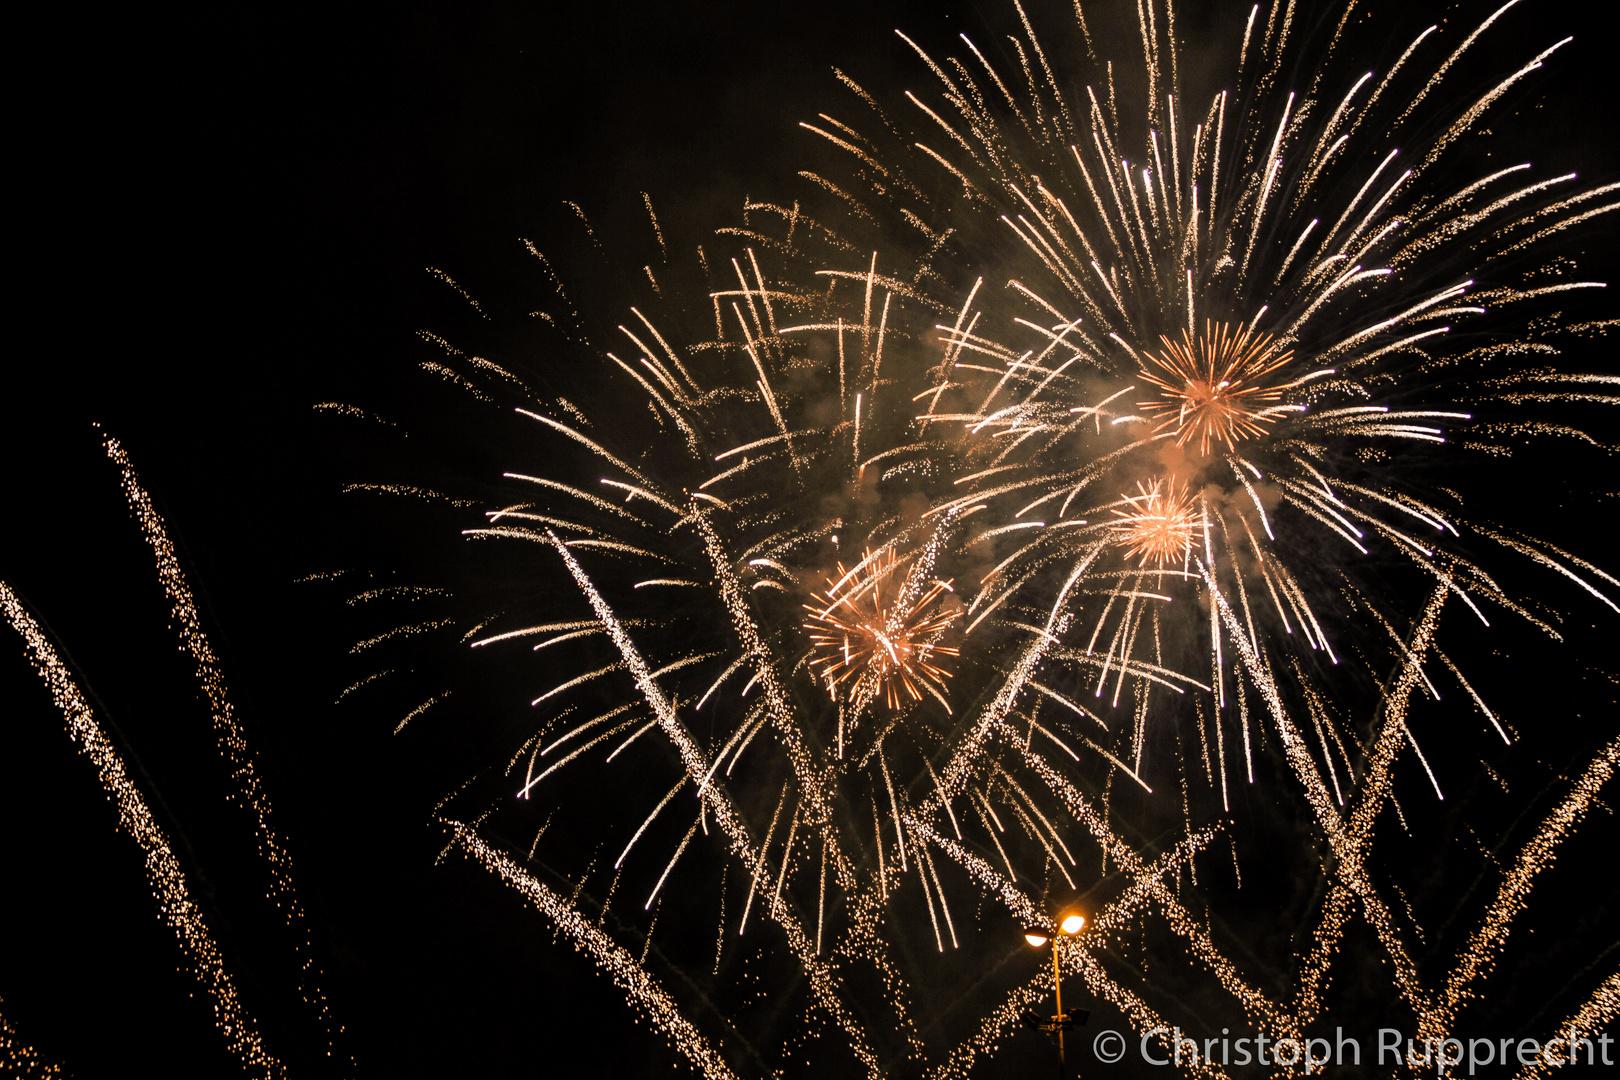 Ausschnitt aus einem italienischem Feuerwerk